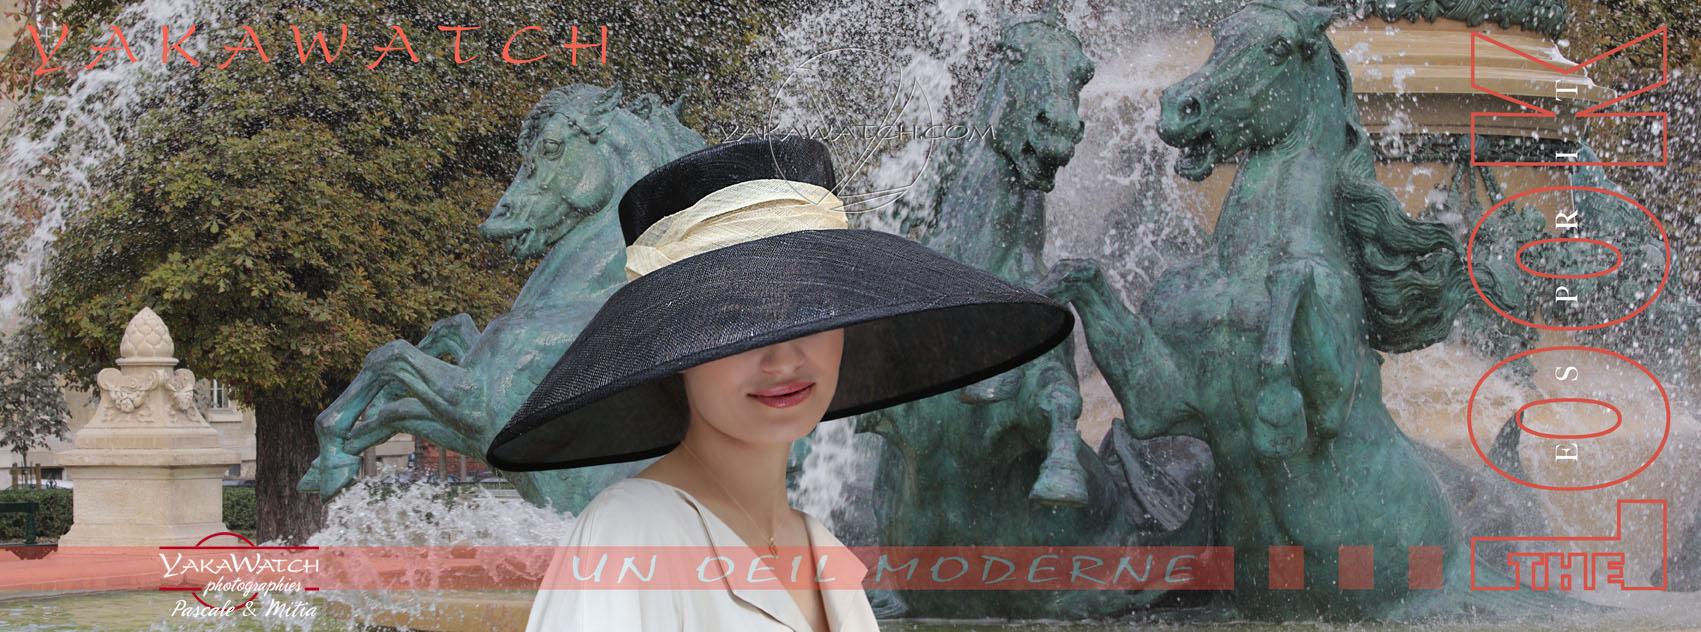 Mode Lifestyle - Chapeau - Fontaine de l'Observatoire - Mitia-Arcturus Photographe